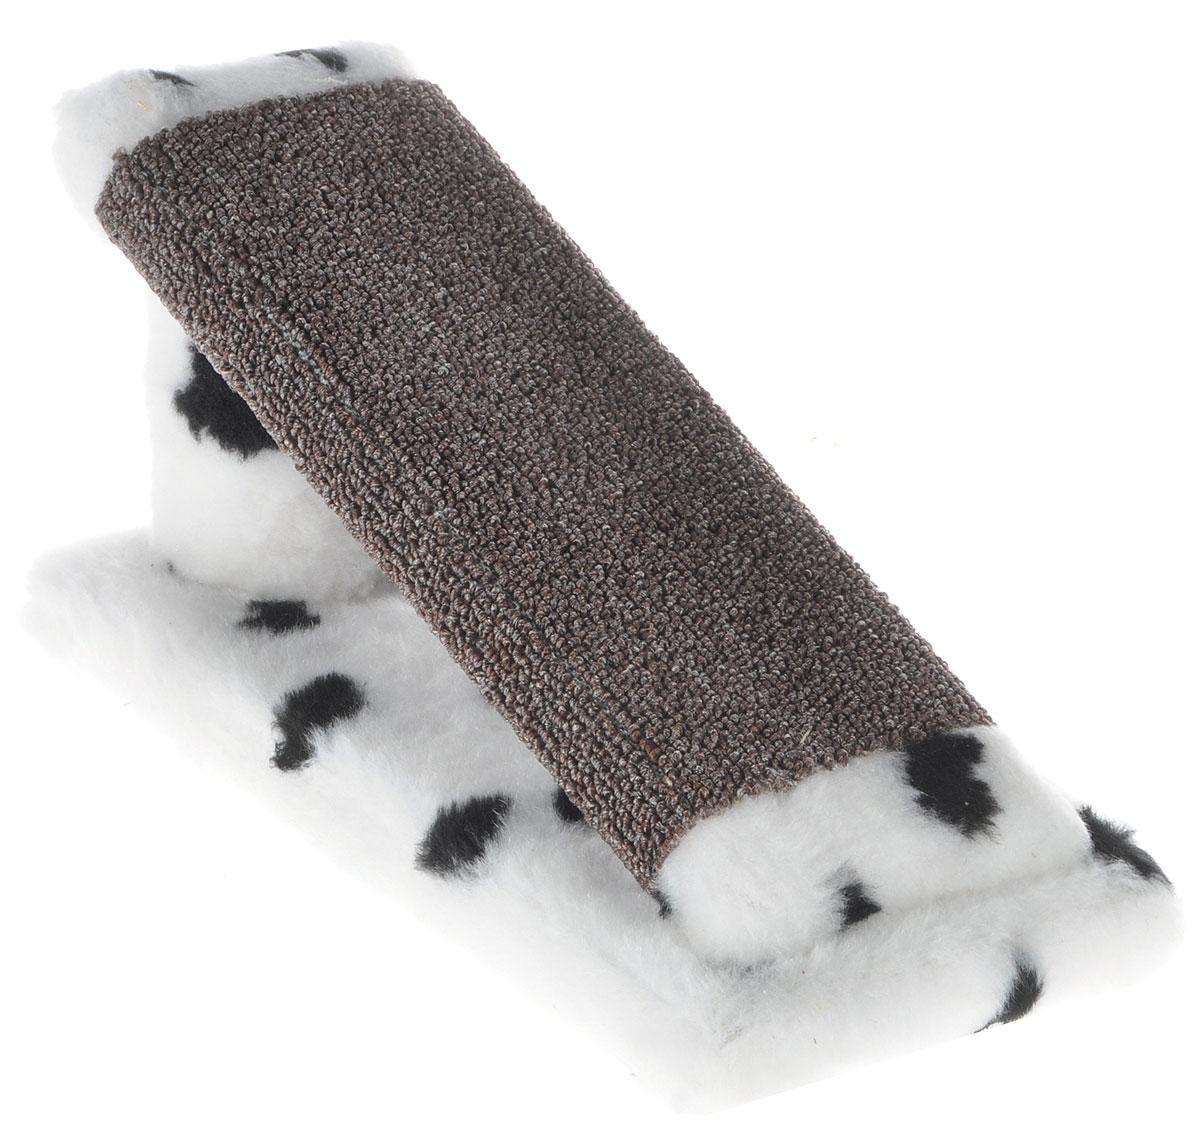 Когтеточка для котят Меридиан Горка, цвет: белый, черный, коричневый, 29 х 14 х 14 смК704ДКогтеточка Меридиан Горка предназначена для стачивания когтей вашего котенка и предотвращения их врастания. Она выполнена из ДВП, ДСП и искусственного меха. Точатся когти о накладку из ковролина. Когтеточка позволяет сохранить неповрежденными мебель и другие предметы интерьера.